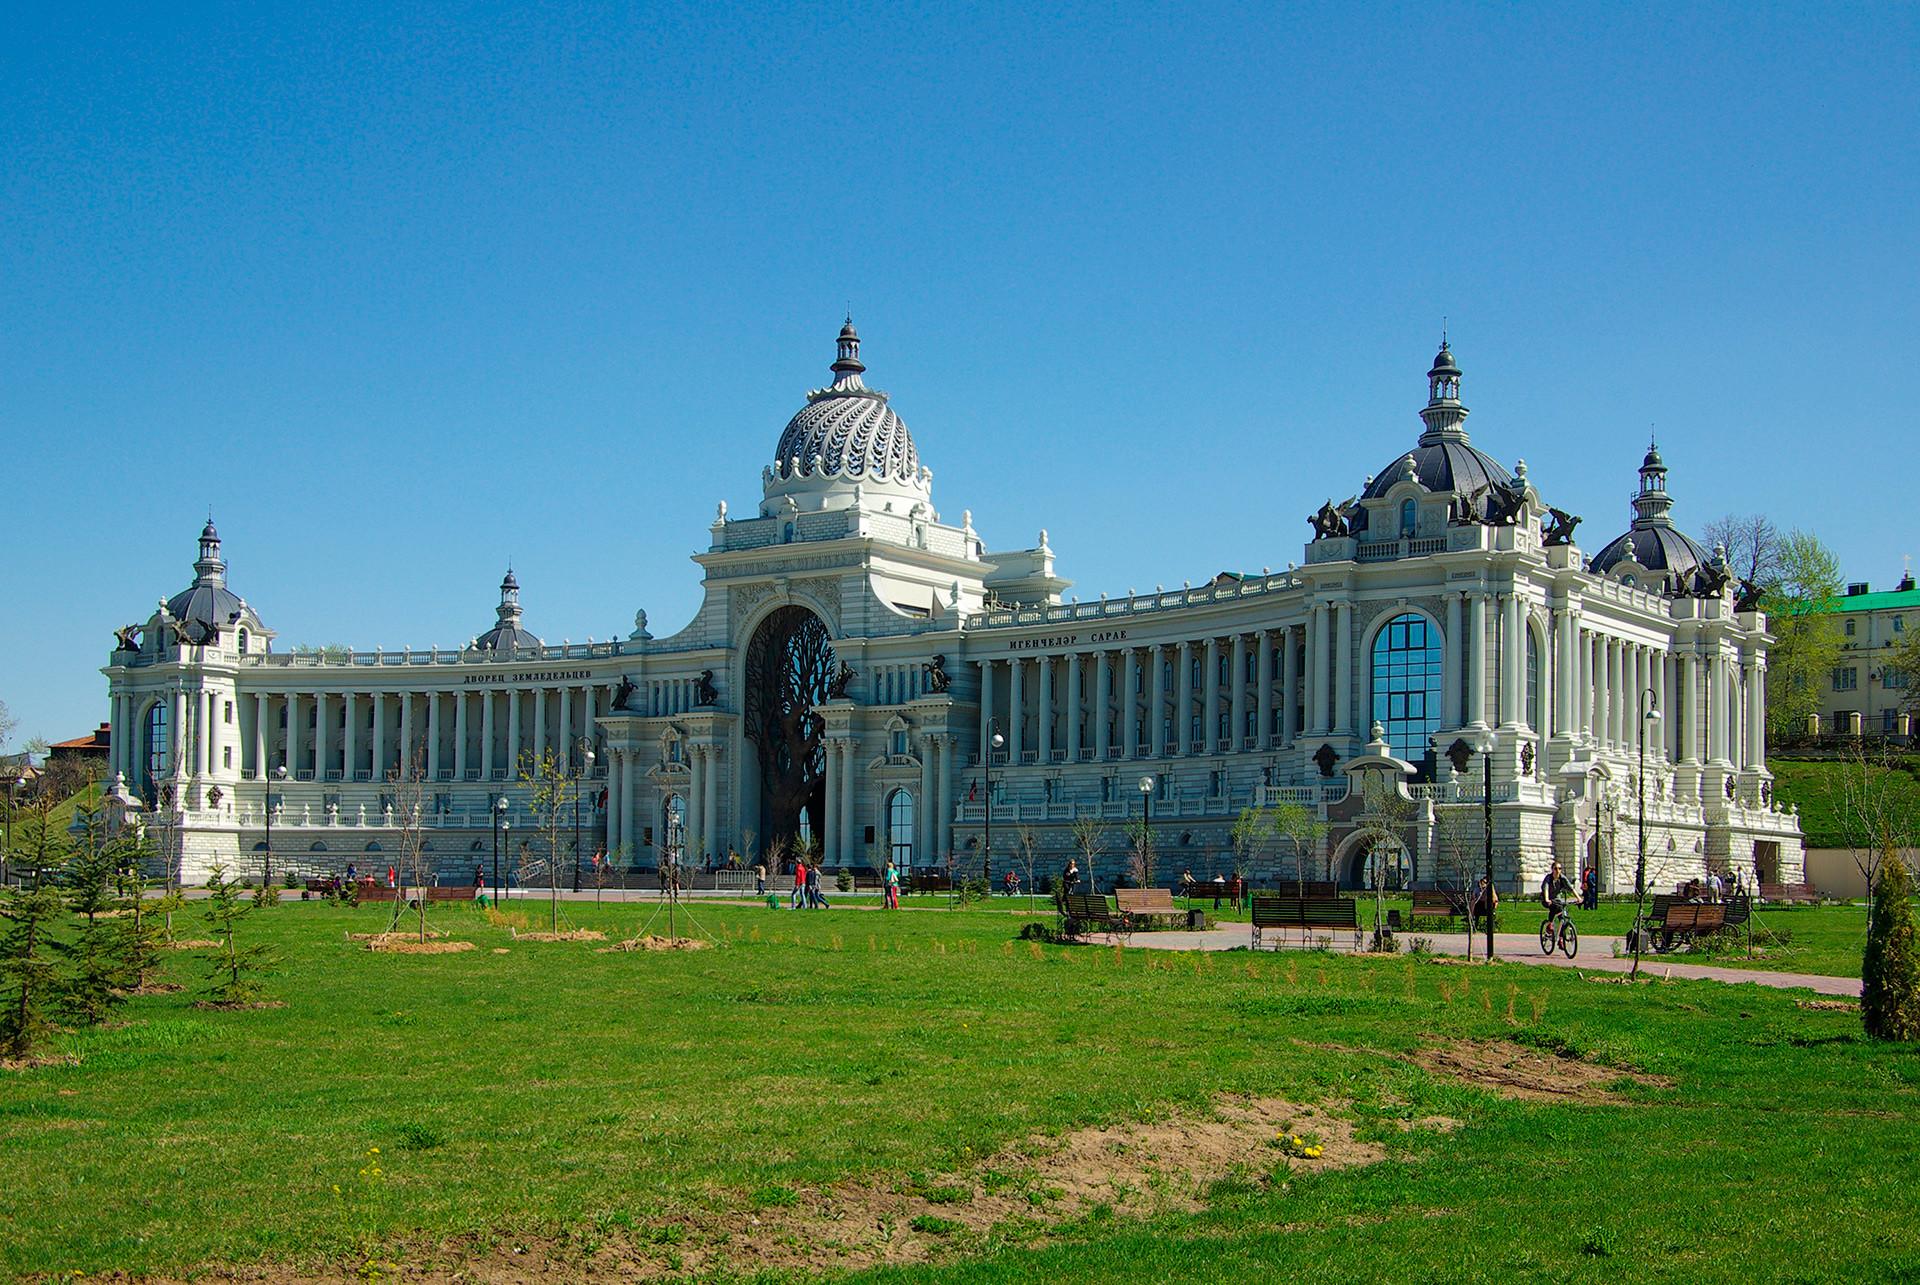 Der Palast der Landarbeiter in Kasan, heute Landwirtschaftsministerium der Republik Tatarstan